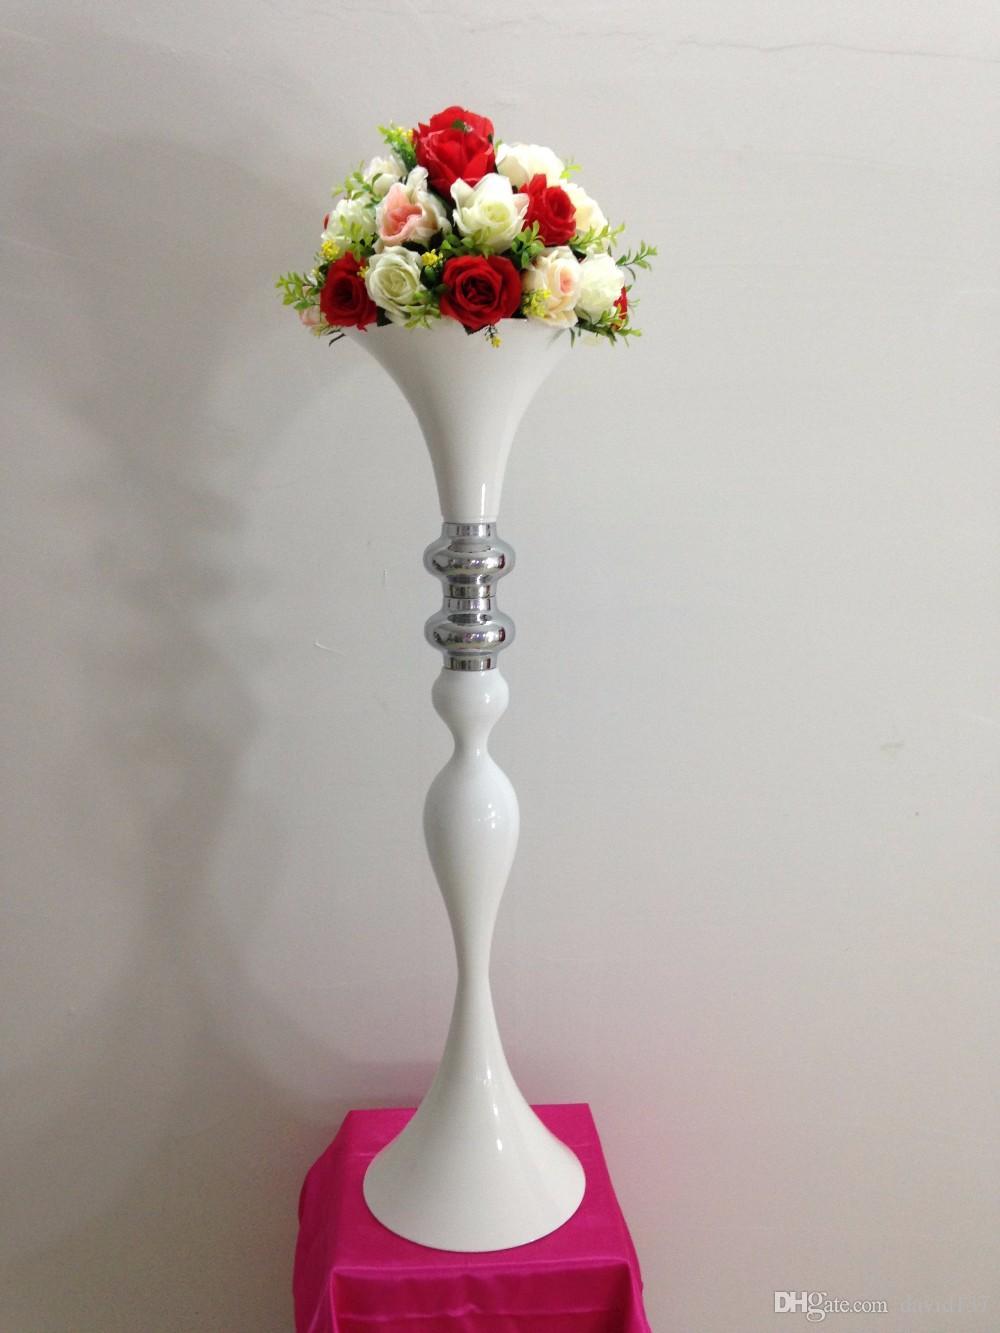 neueste Qualität weiße Trompete Form Vase 11 für Hochzeit Mittelstücke / Hochzeit Vase